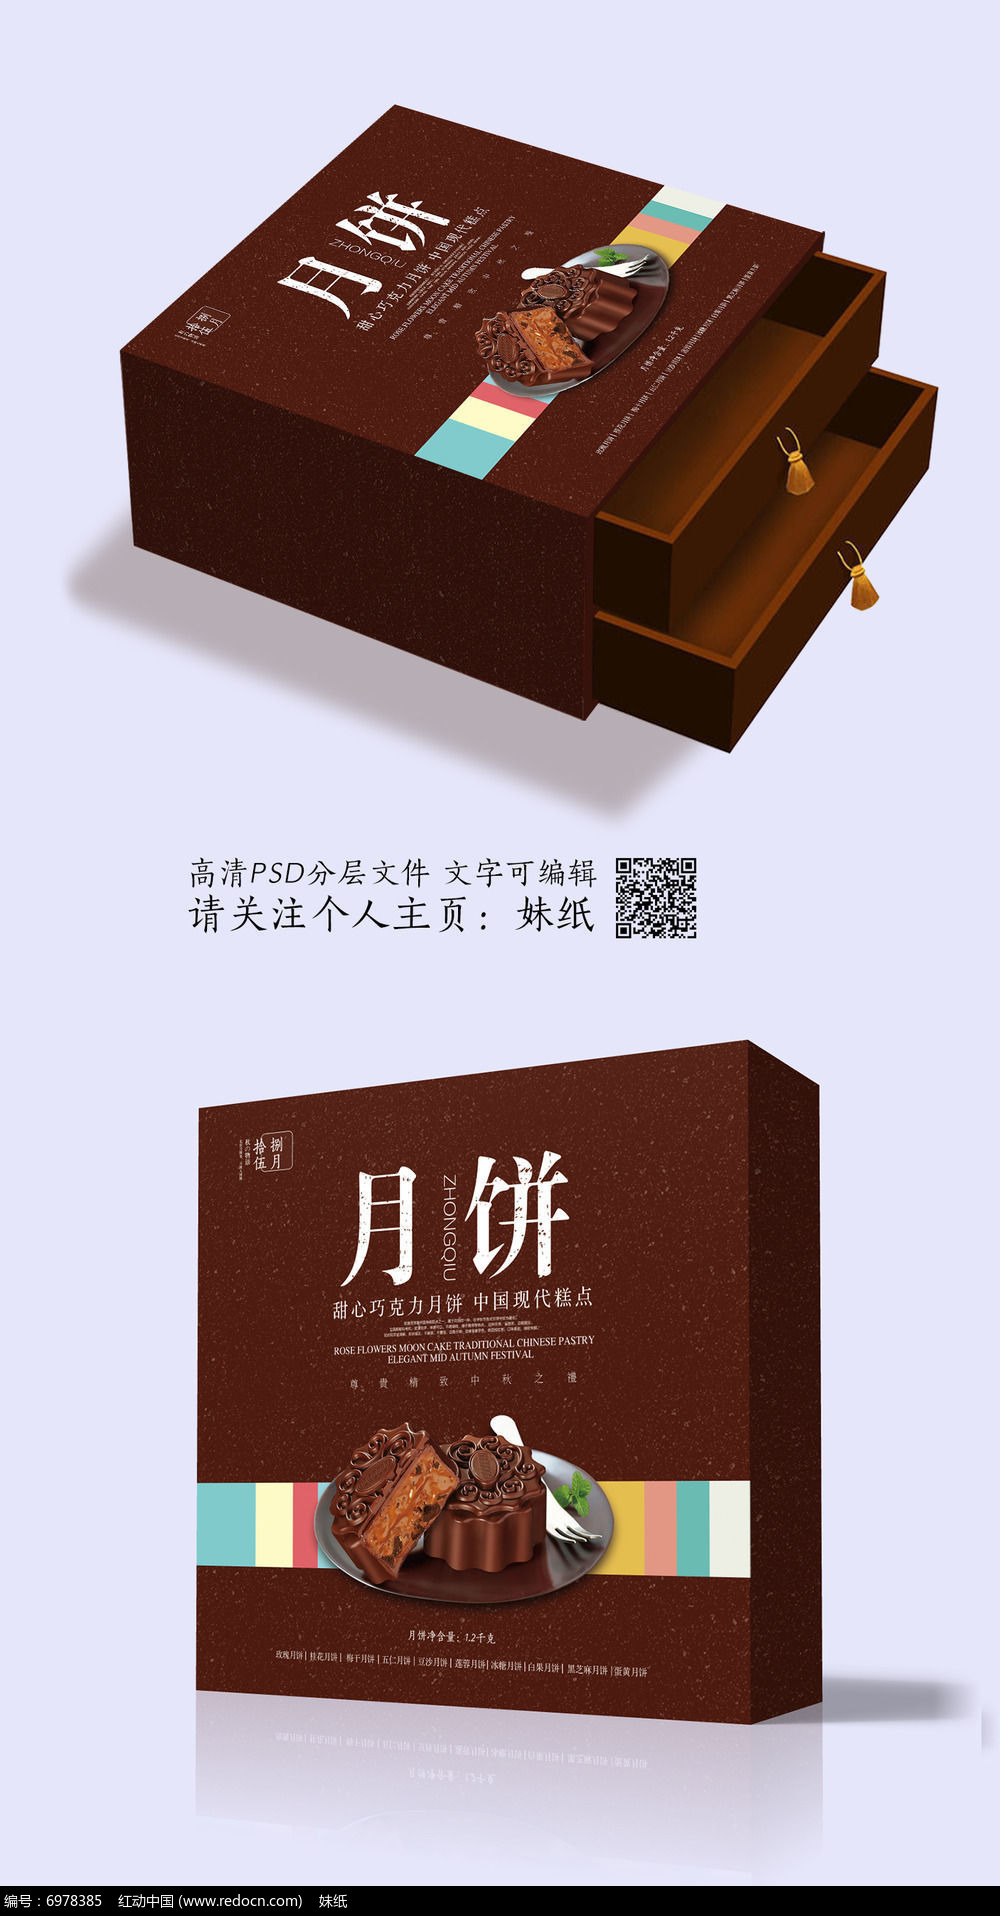 巧克力高档月饼盒包装设计图片